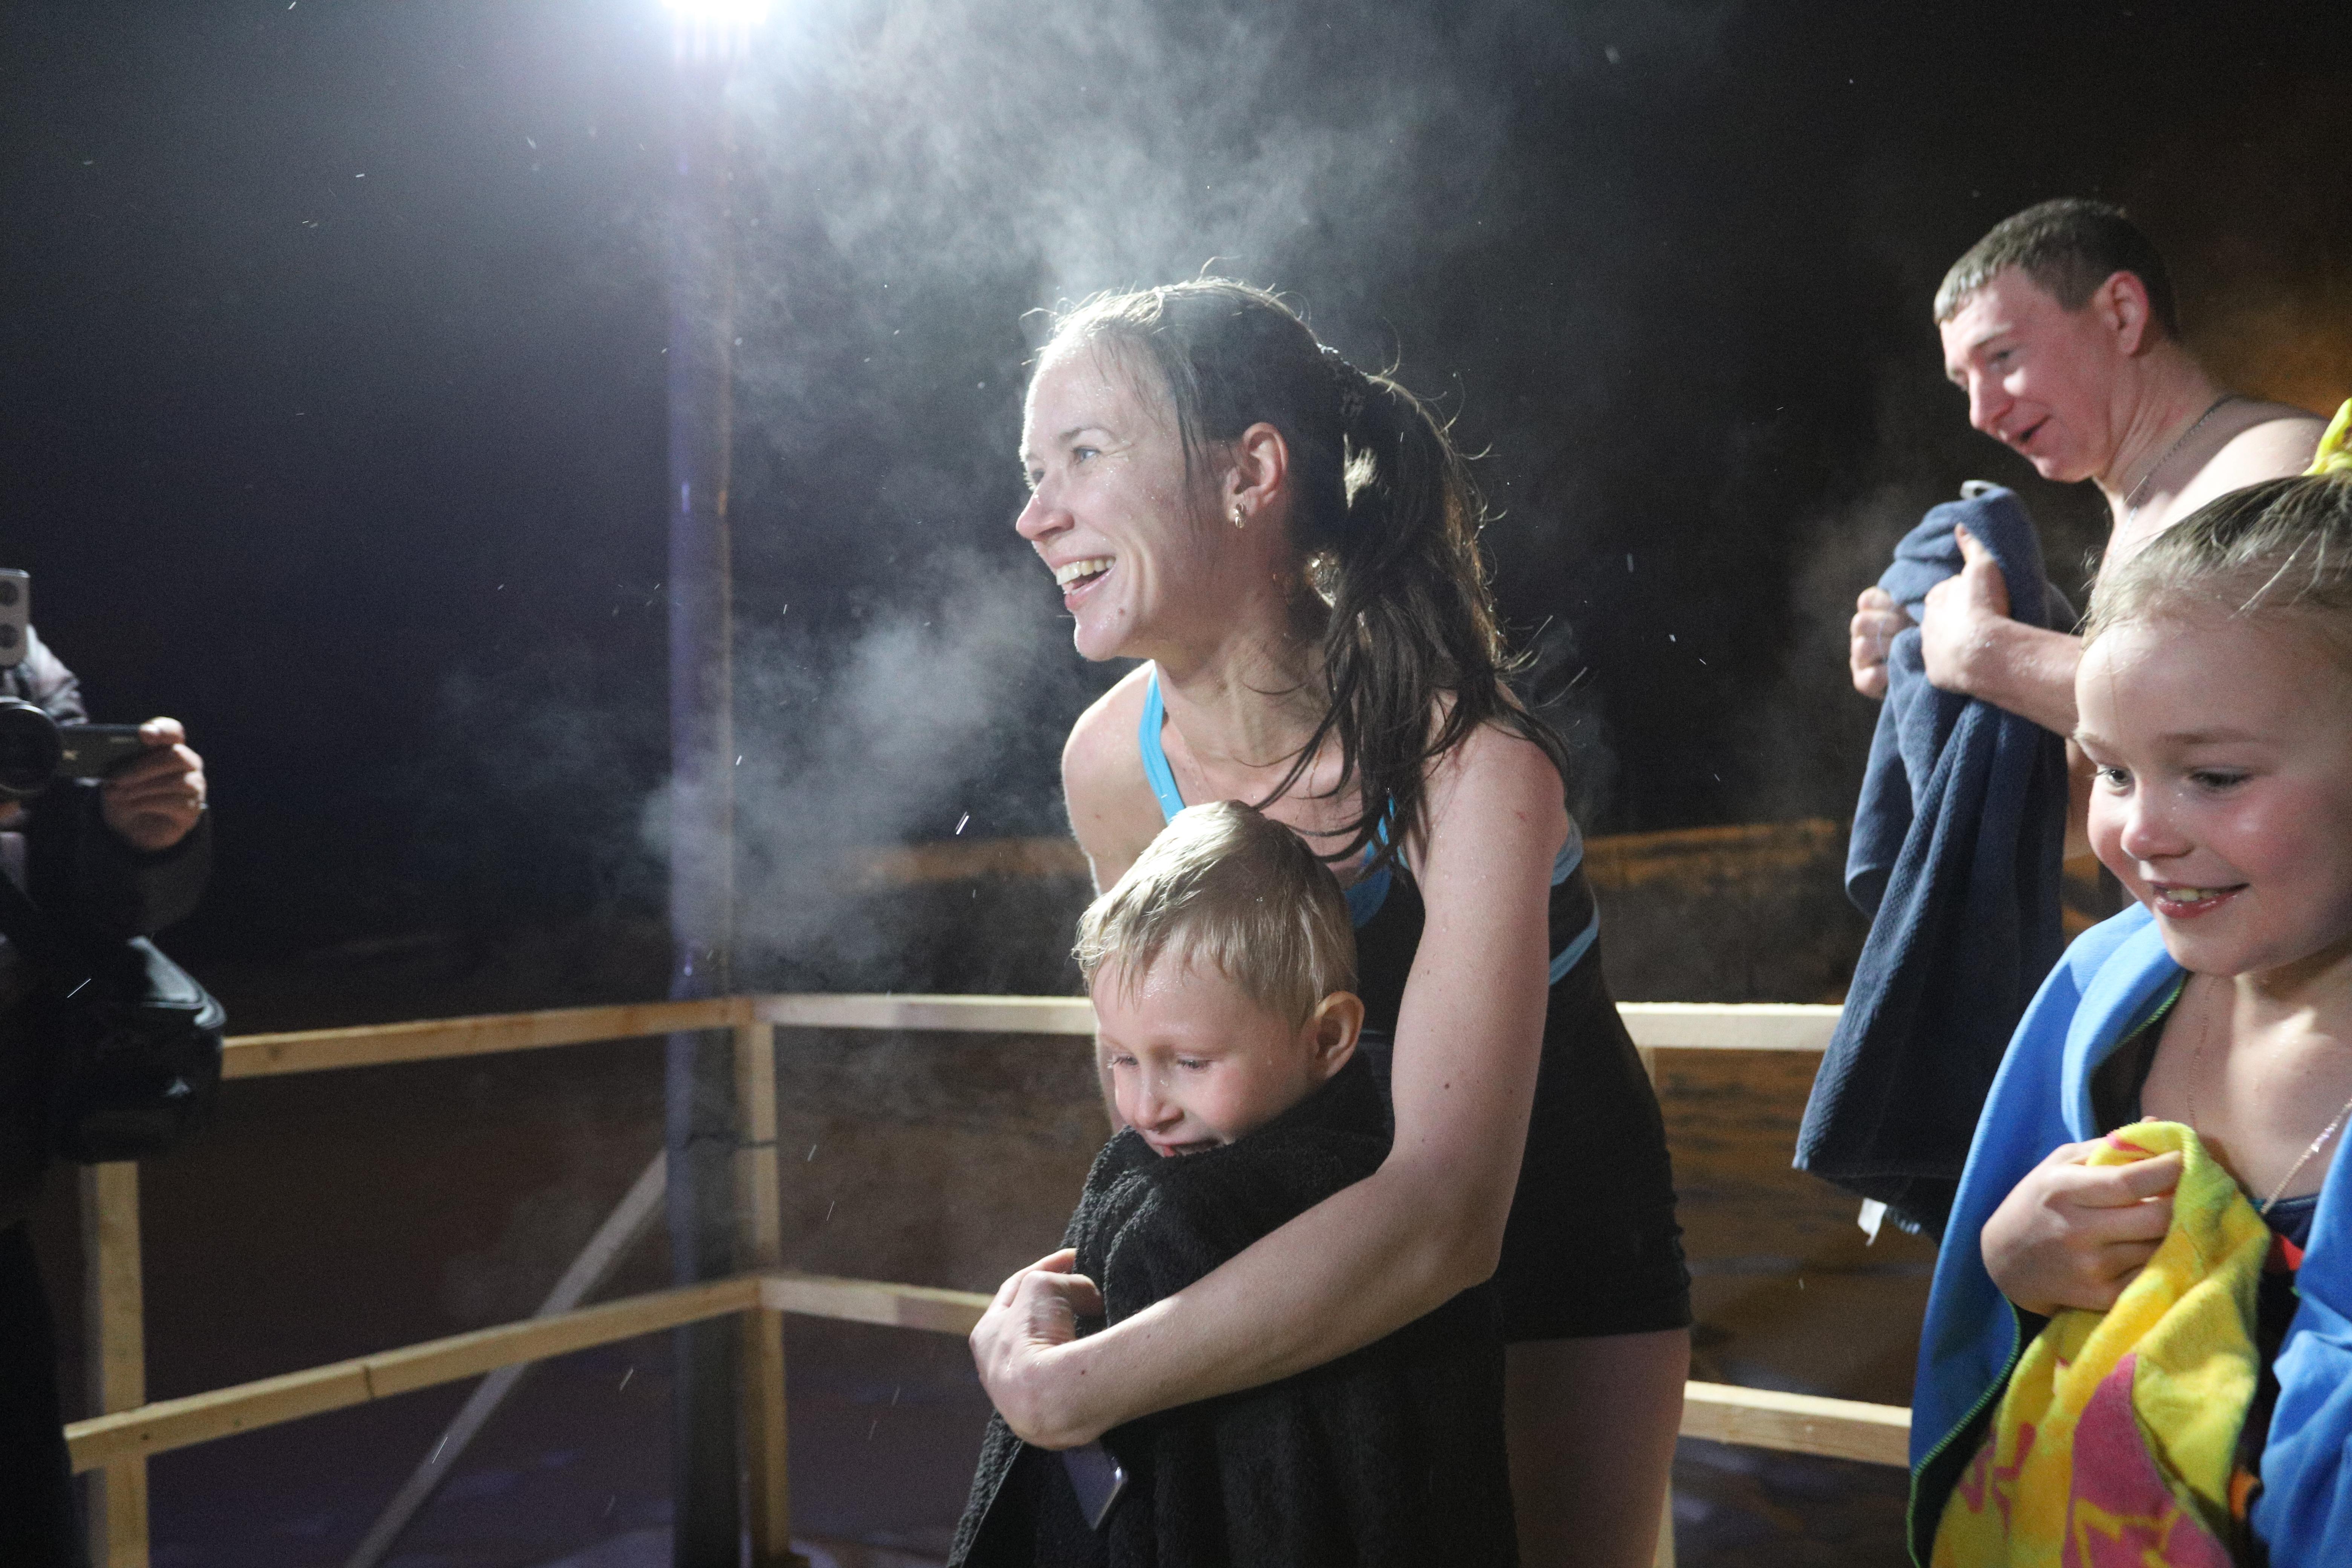 Педиатр объяснила, как подготовить ребенка к купанию в проруби